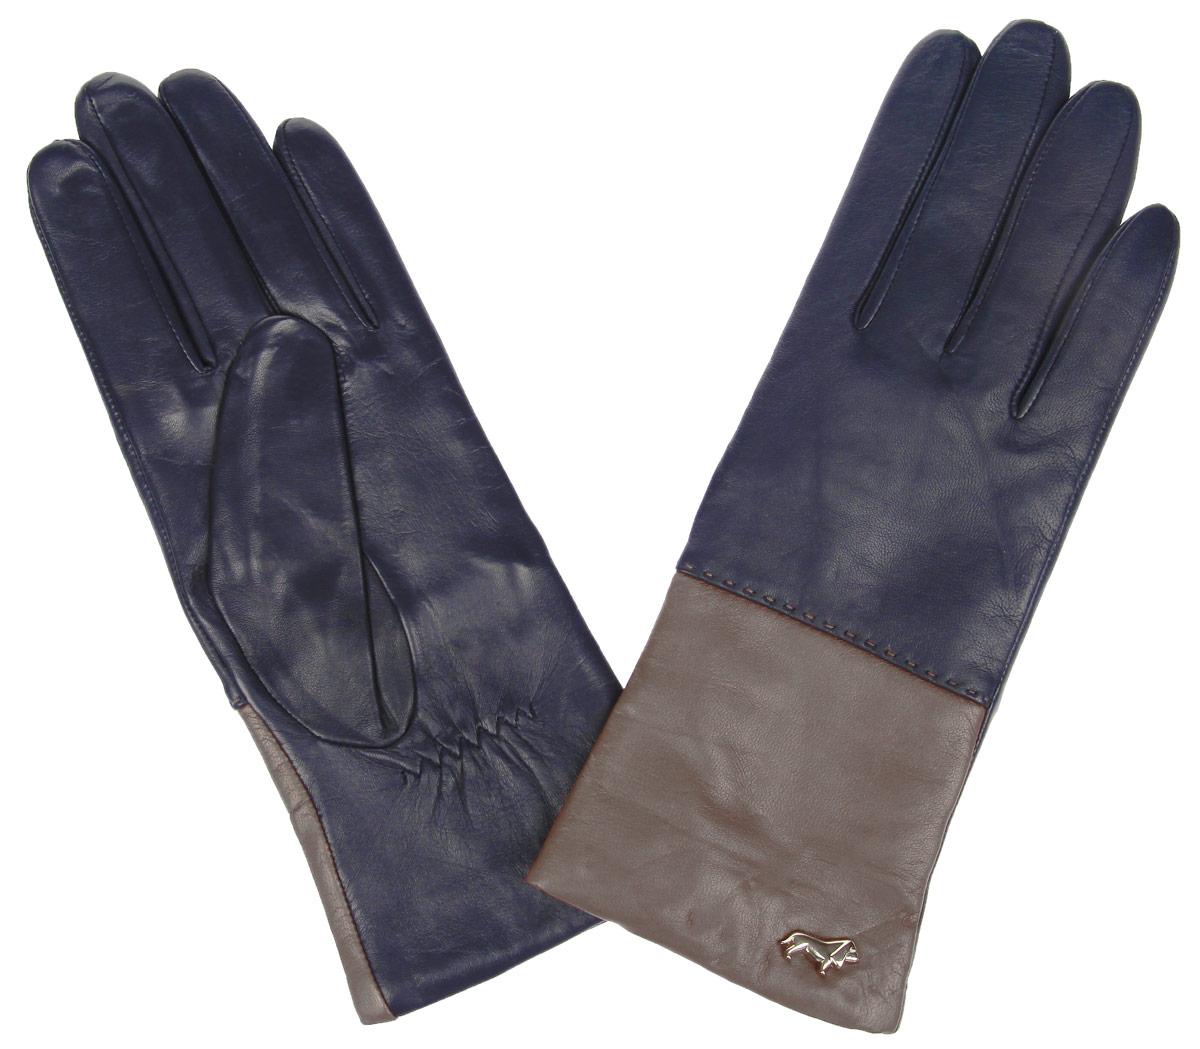 Перчатки женские Labbra, цвет: темно-синий, коричневый. LB-7777. Размер 6,5LB-7777Женские перчатки Labbra не только защитят ваши руки от холода, но и станут стильным украшением. Перчатки выполнены из натуральной кожи ягненка. Они мягкие, максимально сохраняют тепло, идеально сидят на руке. Подкладка изделия изготовлена из шерсти с добавлением акрила.Лицевая сторона изделия дополнена декоративным элементом в виде логотипа бренда. На запястье модель присборена на небольшие эластичные резинки.Перчатки станут завершающим элементом вашего неповторимого стиля и подчеркнут вашу индивидуальность.